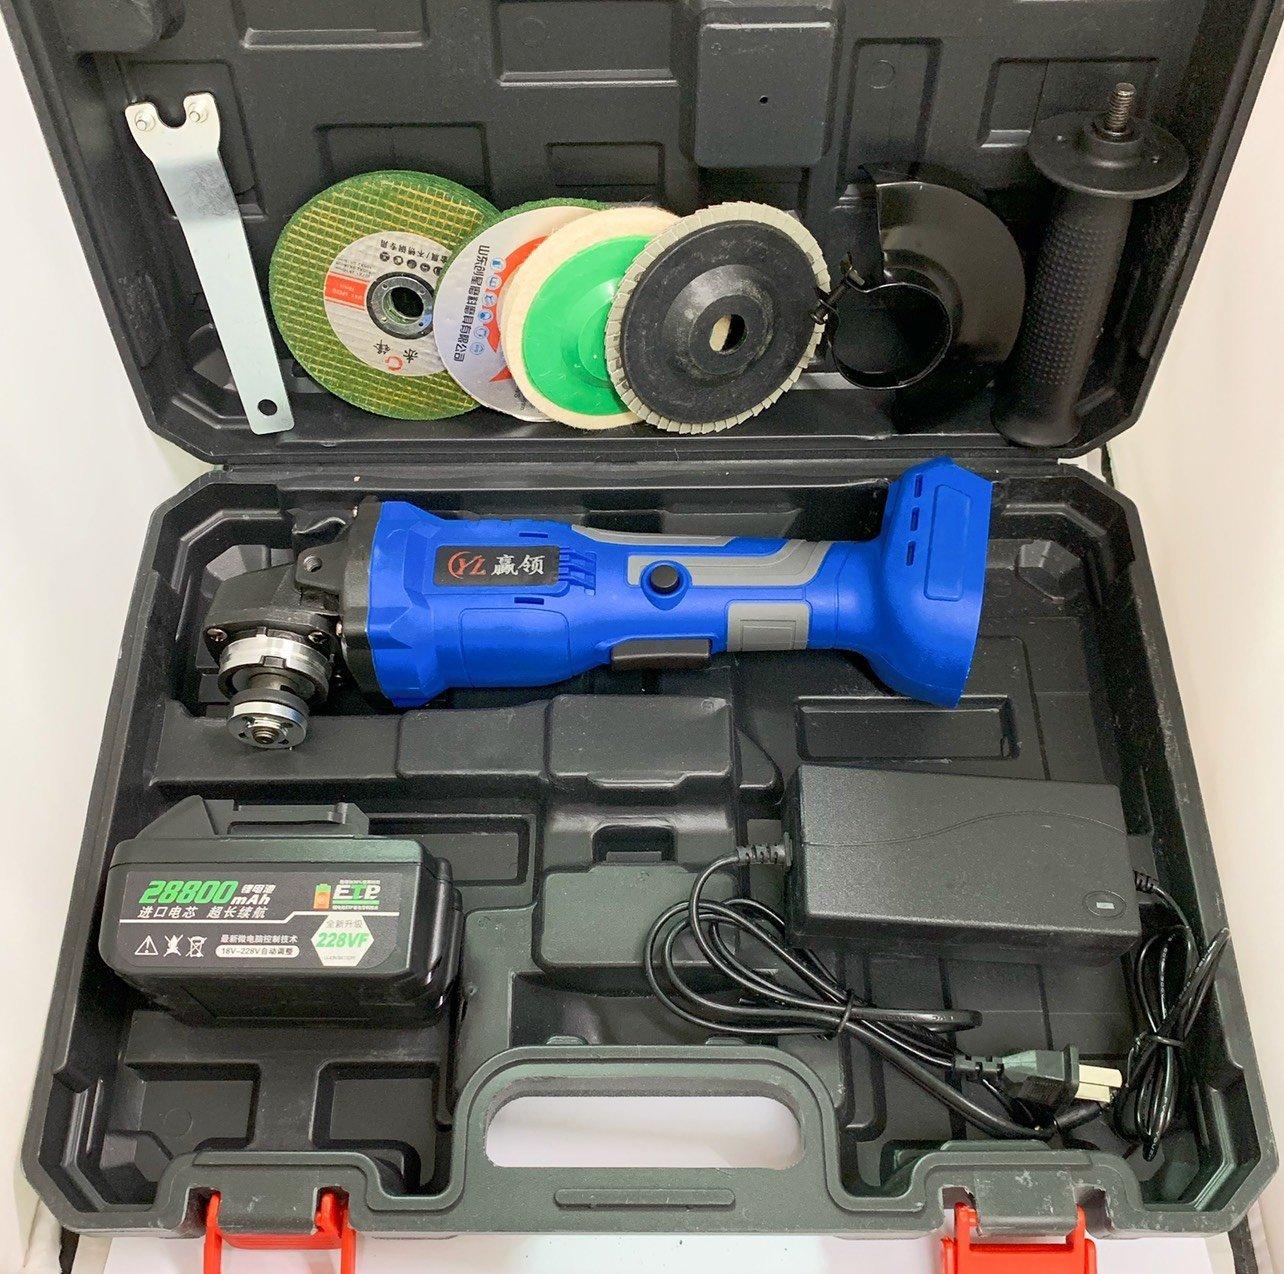 鋰電角磨機 德國 21V單電池 228VF 無刷角磨機拋光機 切割機 打磨機 鋰電池充電式 家用多 工業級  半年